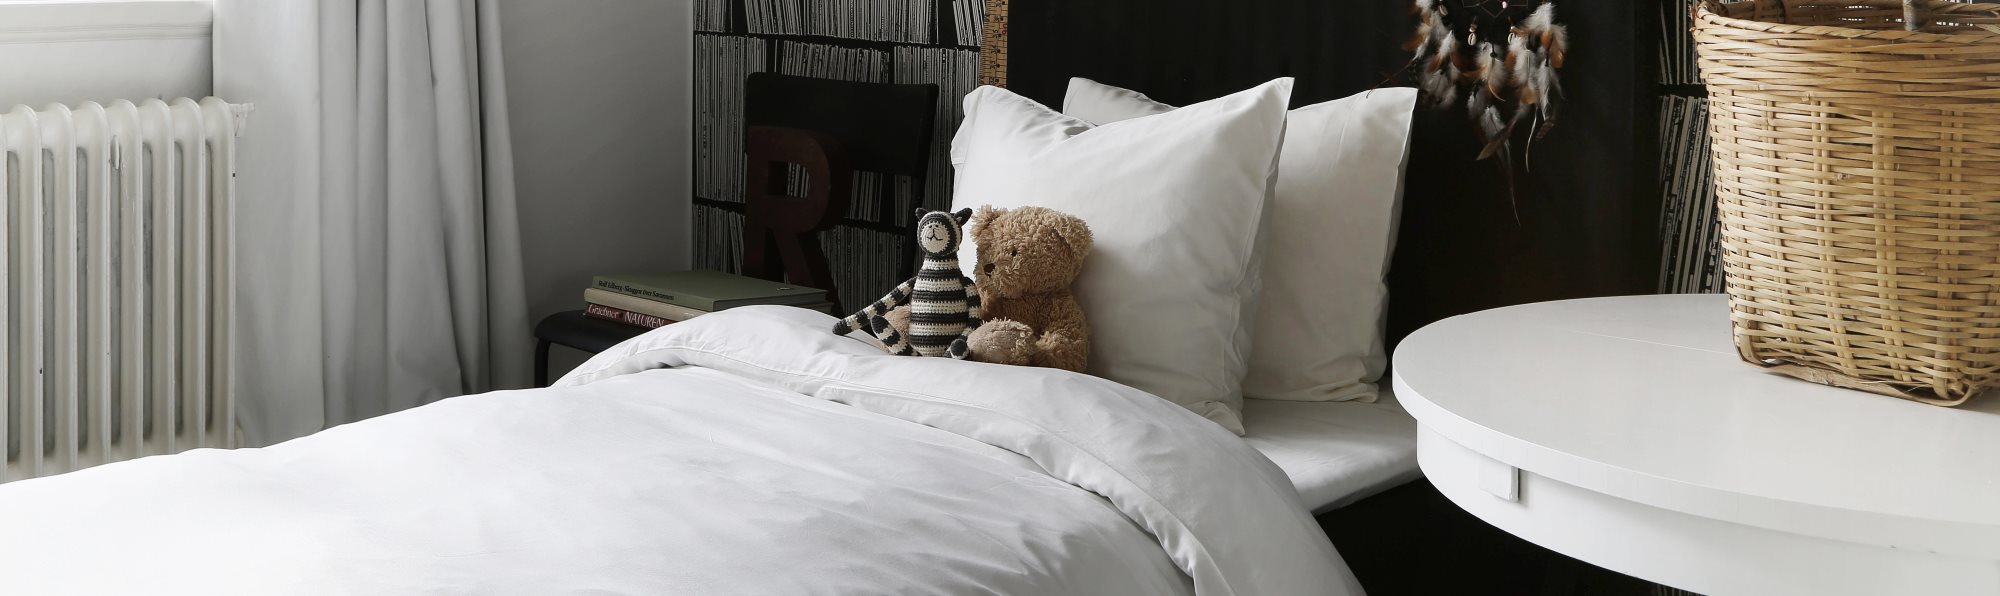 Sängkläder i bambu